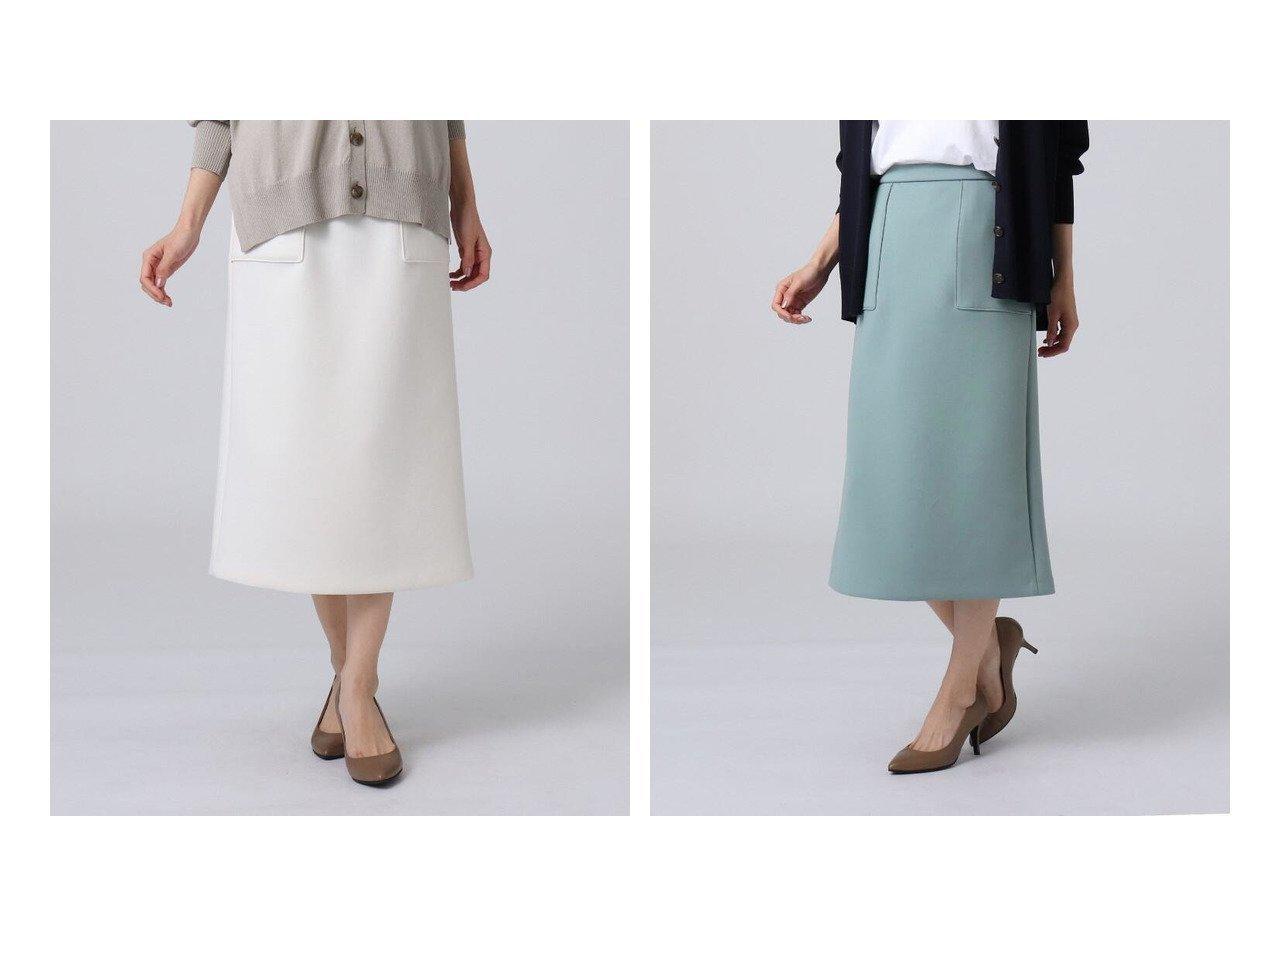 【UNTITLED/アンタイトル】のエアクッションジャージタイトスカート アンタイトルのおすすめ!人気、トレンド・レディースファッションの通販  おすすめで人気の流行・トレンド、ファッションの通販商品 メンズファッション・キッズファッション・インテリア・家具・レディースファッション・服の通販 founy(ファニー) https://founy.com/ ファッション Fashion レディースファッション WOMEN スカート Skirt Aライン/フレアスカート Flared A-Line Skirts おすすめ Recommend インナー クッション シンプル フィット ポケット 再入荷 Restock/Back in Stock/Re Arrival |ID:crp329100000020975